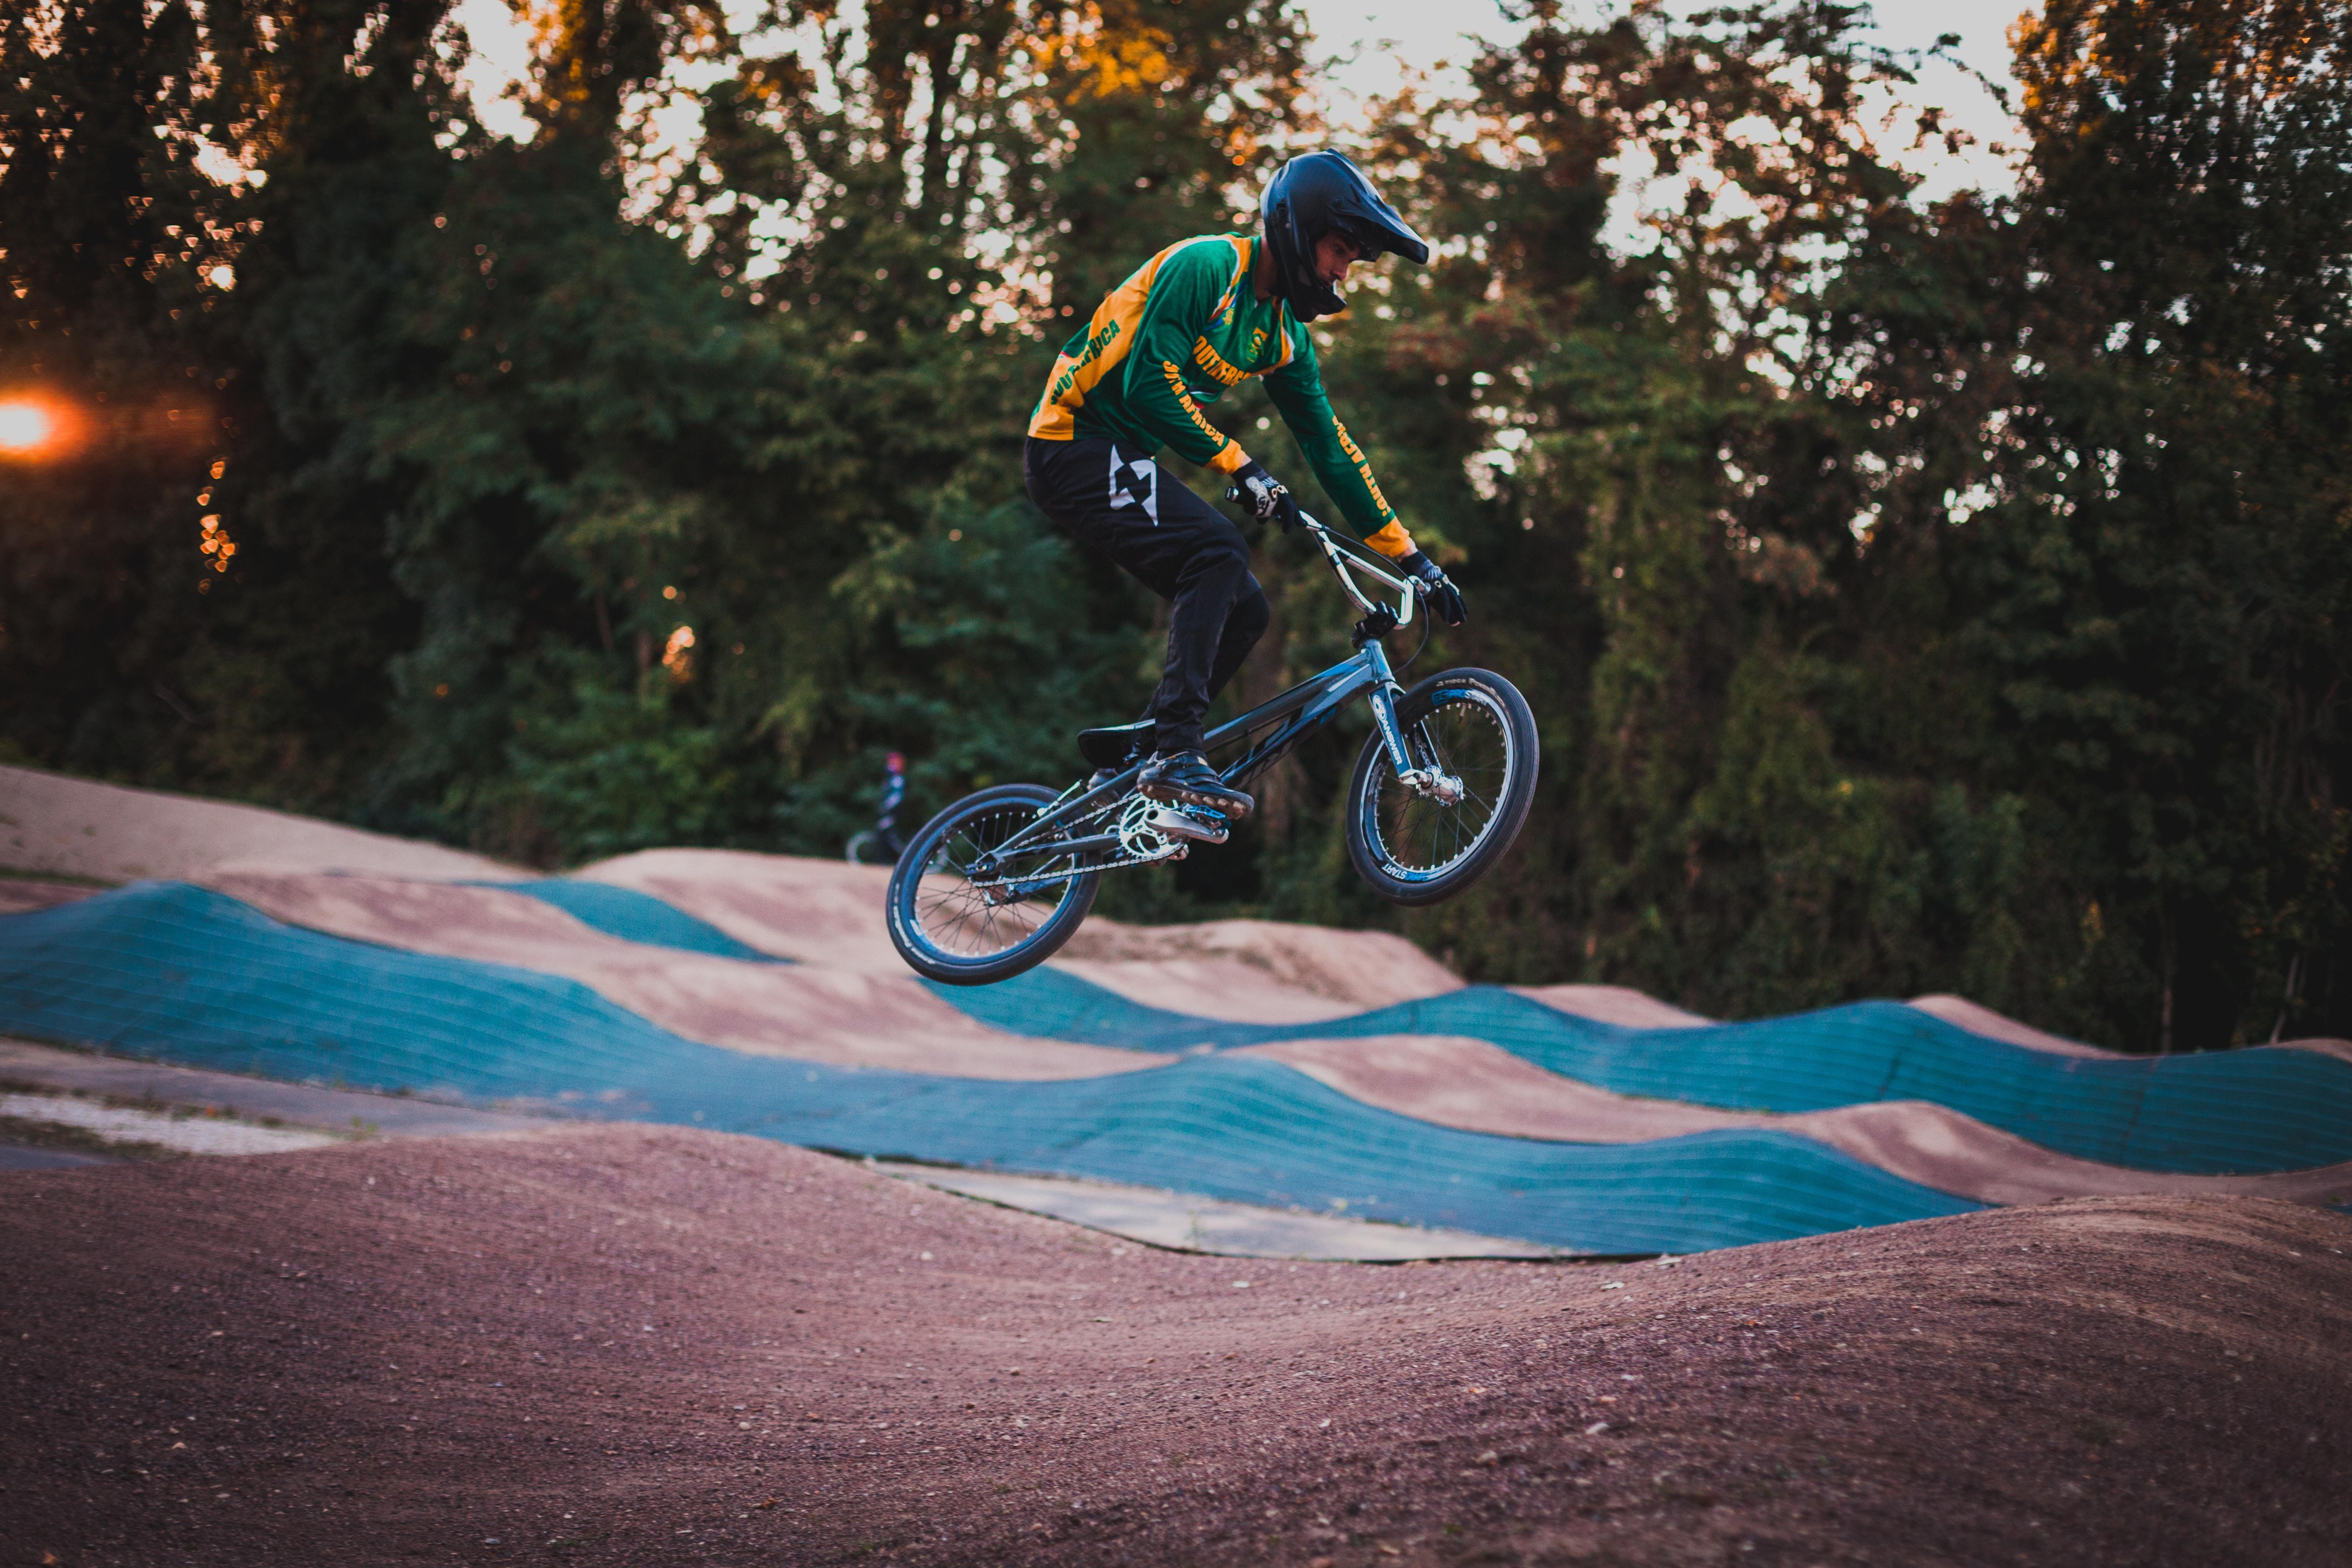 69482 скачать обои Спорт, Велосипедист, Трюк, Прыжок, Шлем, Велотрек - заставки и картинки бесплатно